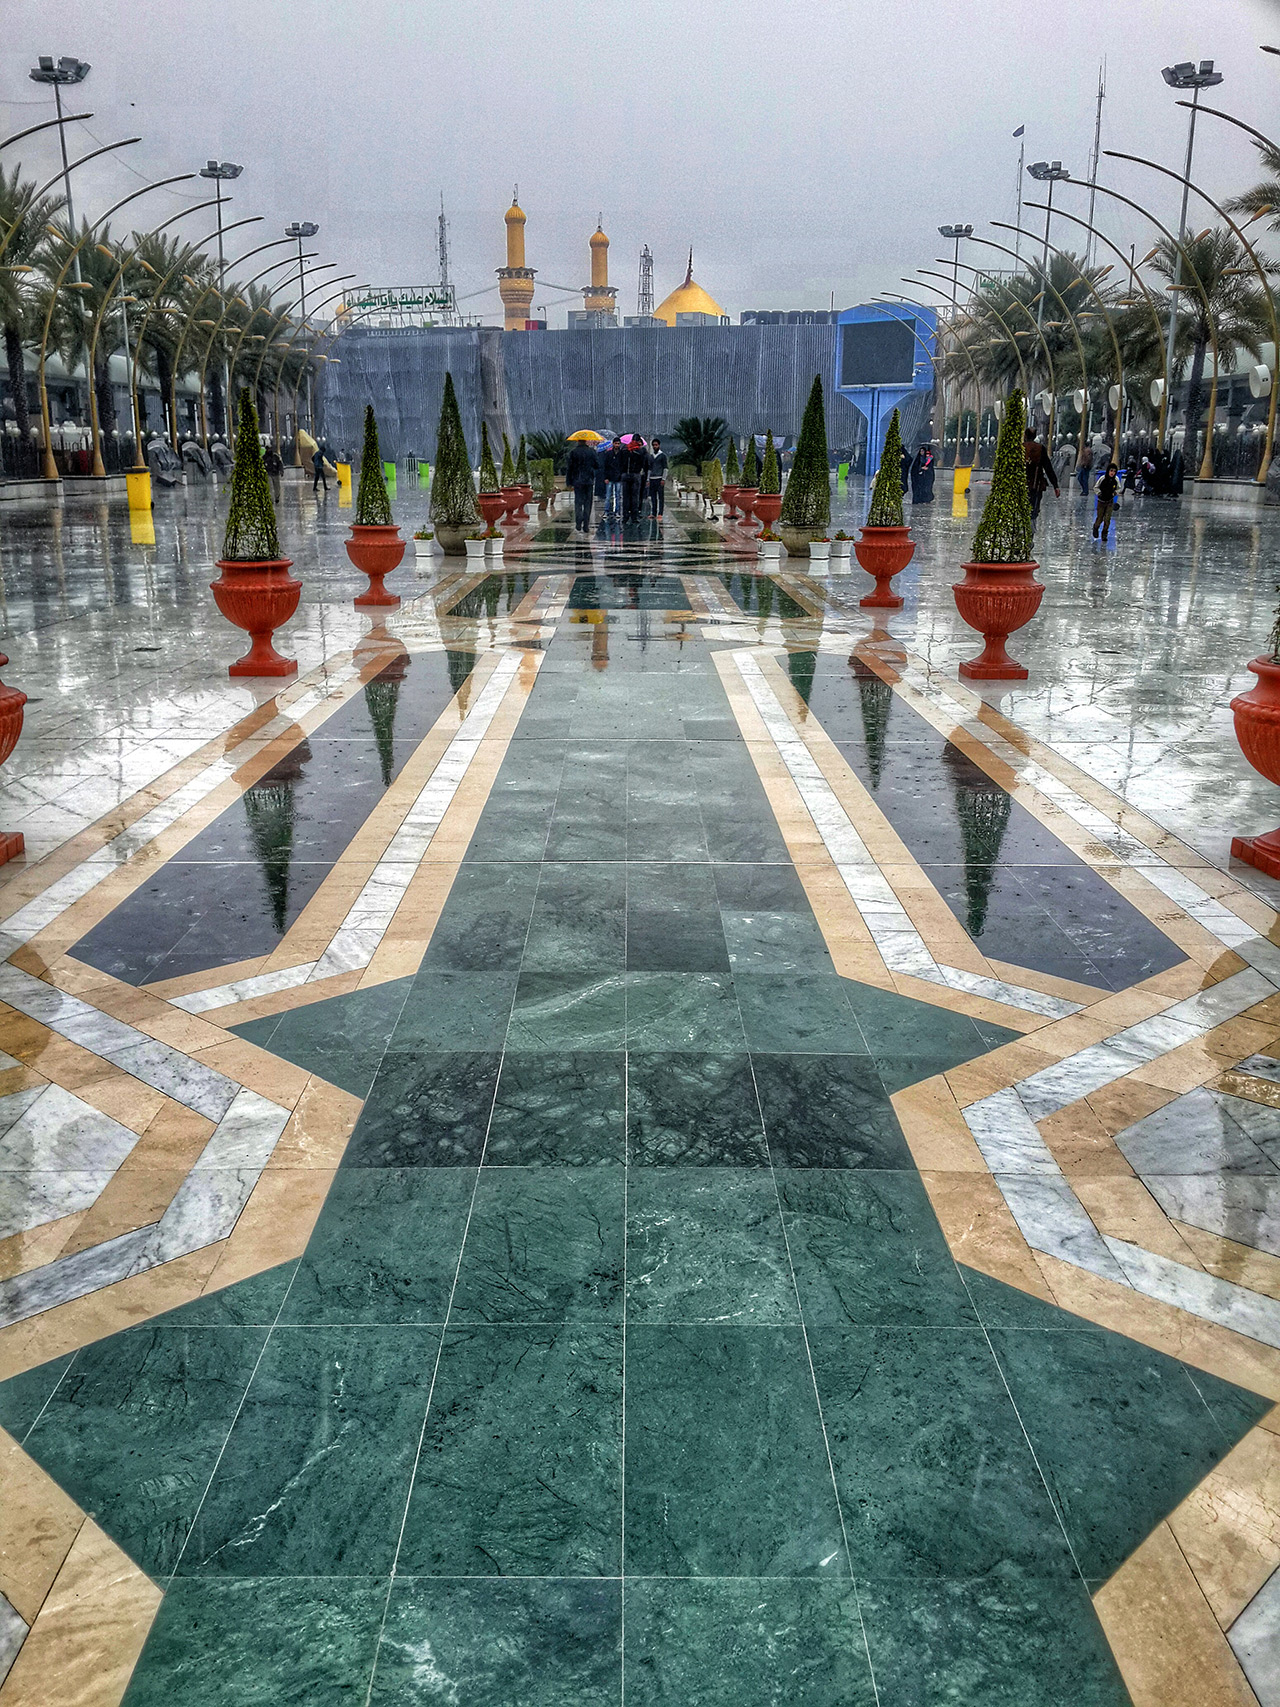 تصاویر زیبا از حرم امام حسین (ع) در روزهای بارانی/ من ... قدمزنان ... در حرم بارانیت ...